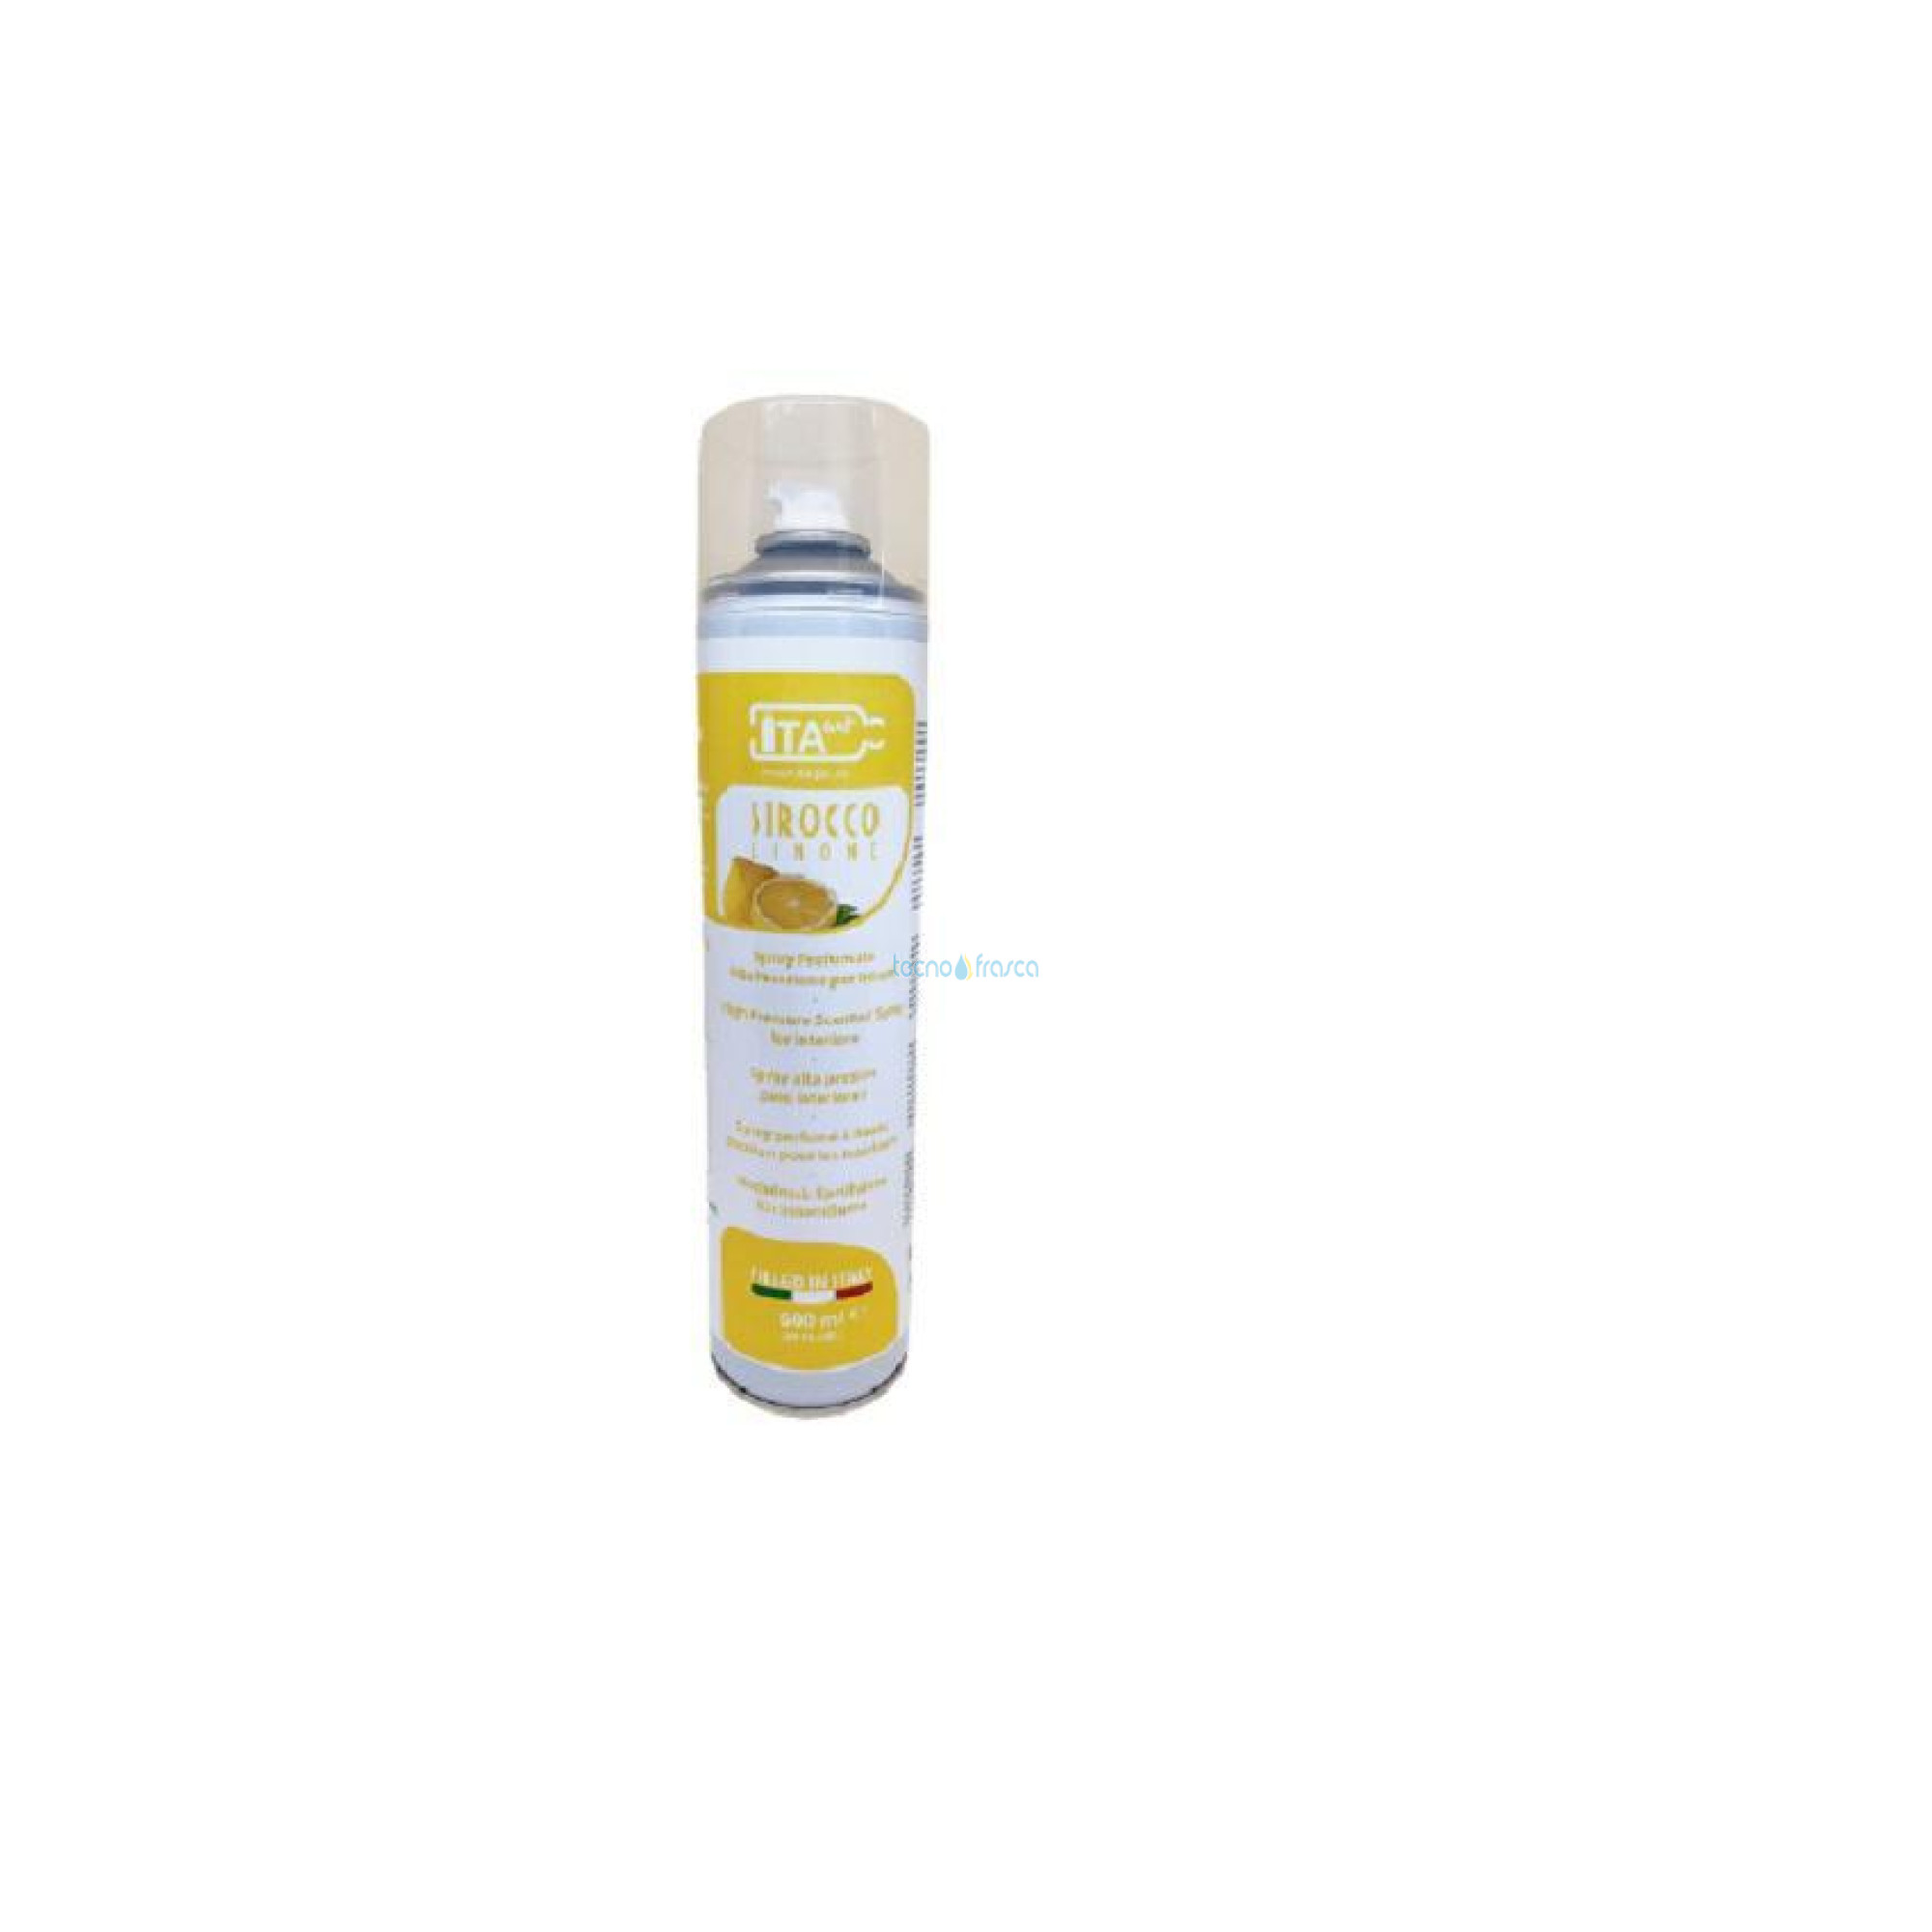 Deodorante sanificante sirocco per climatizzatore lime sn5502